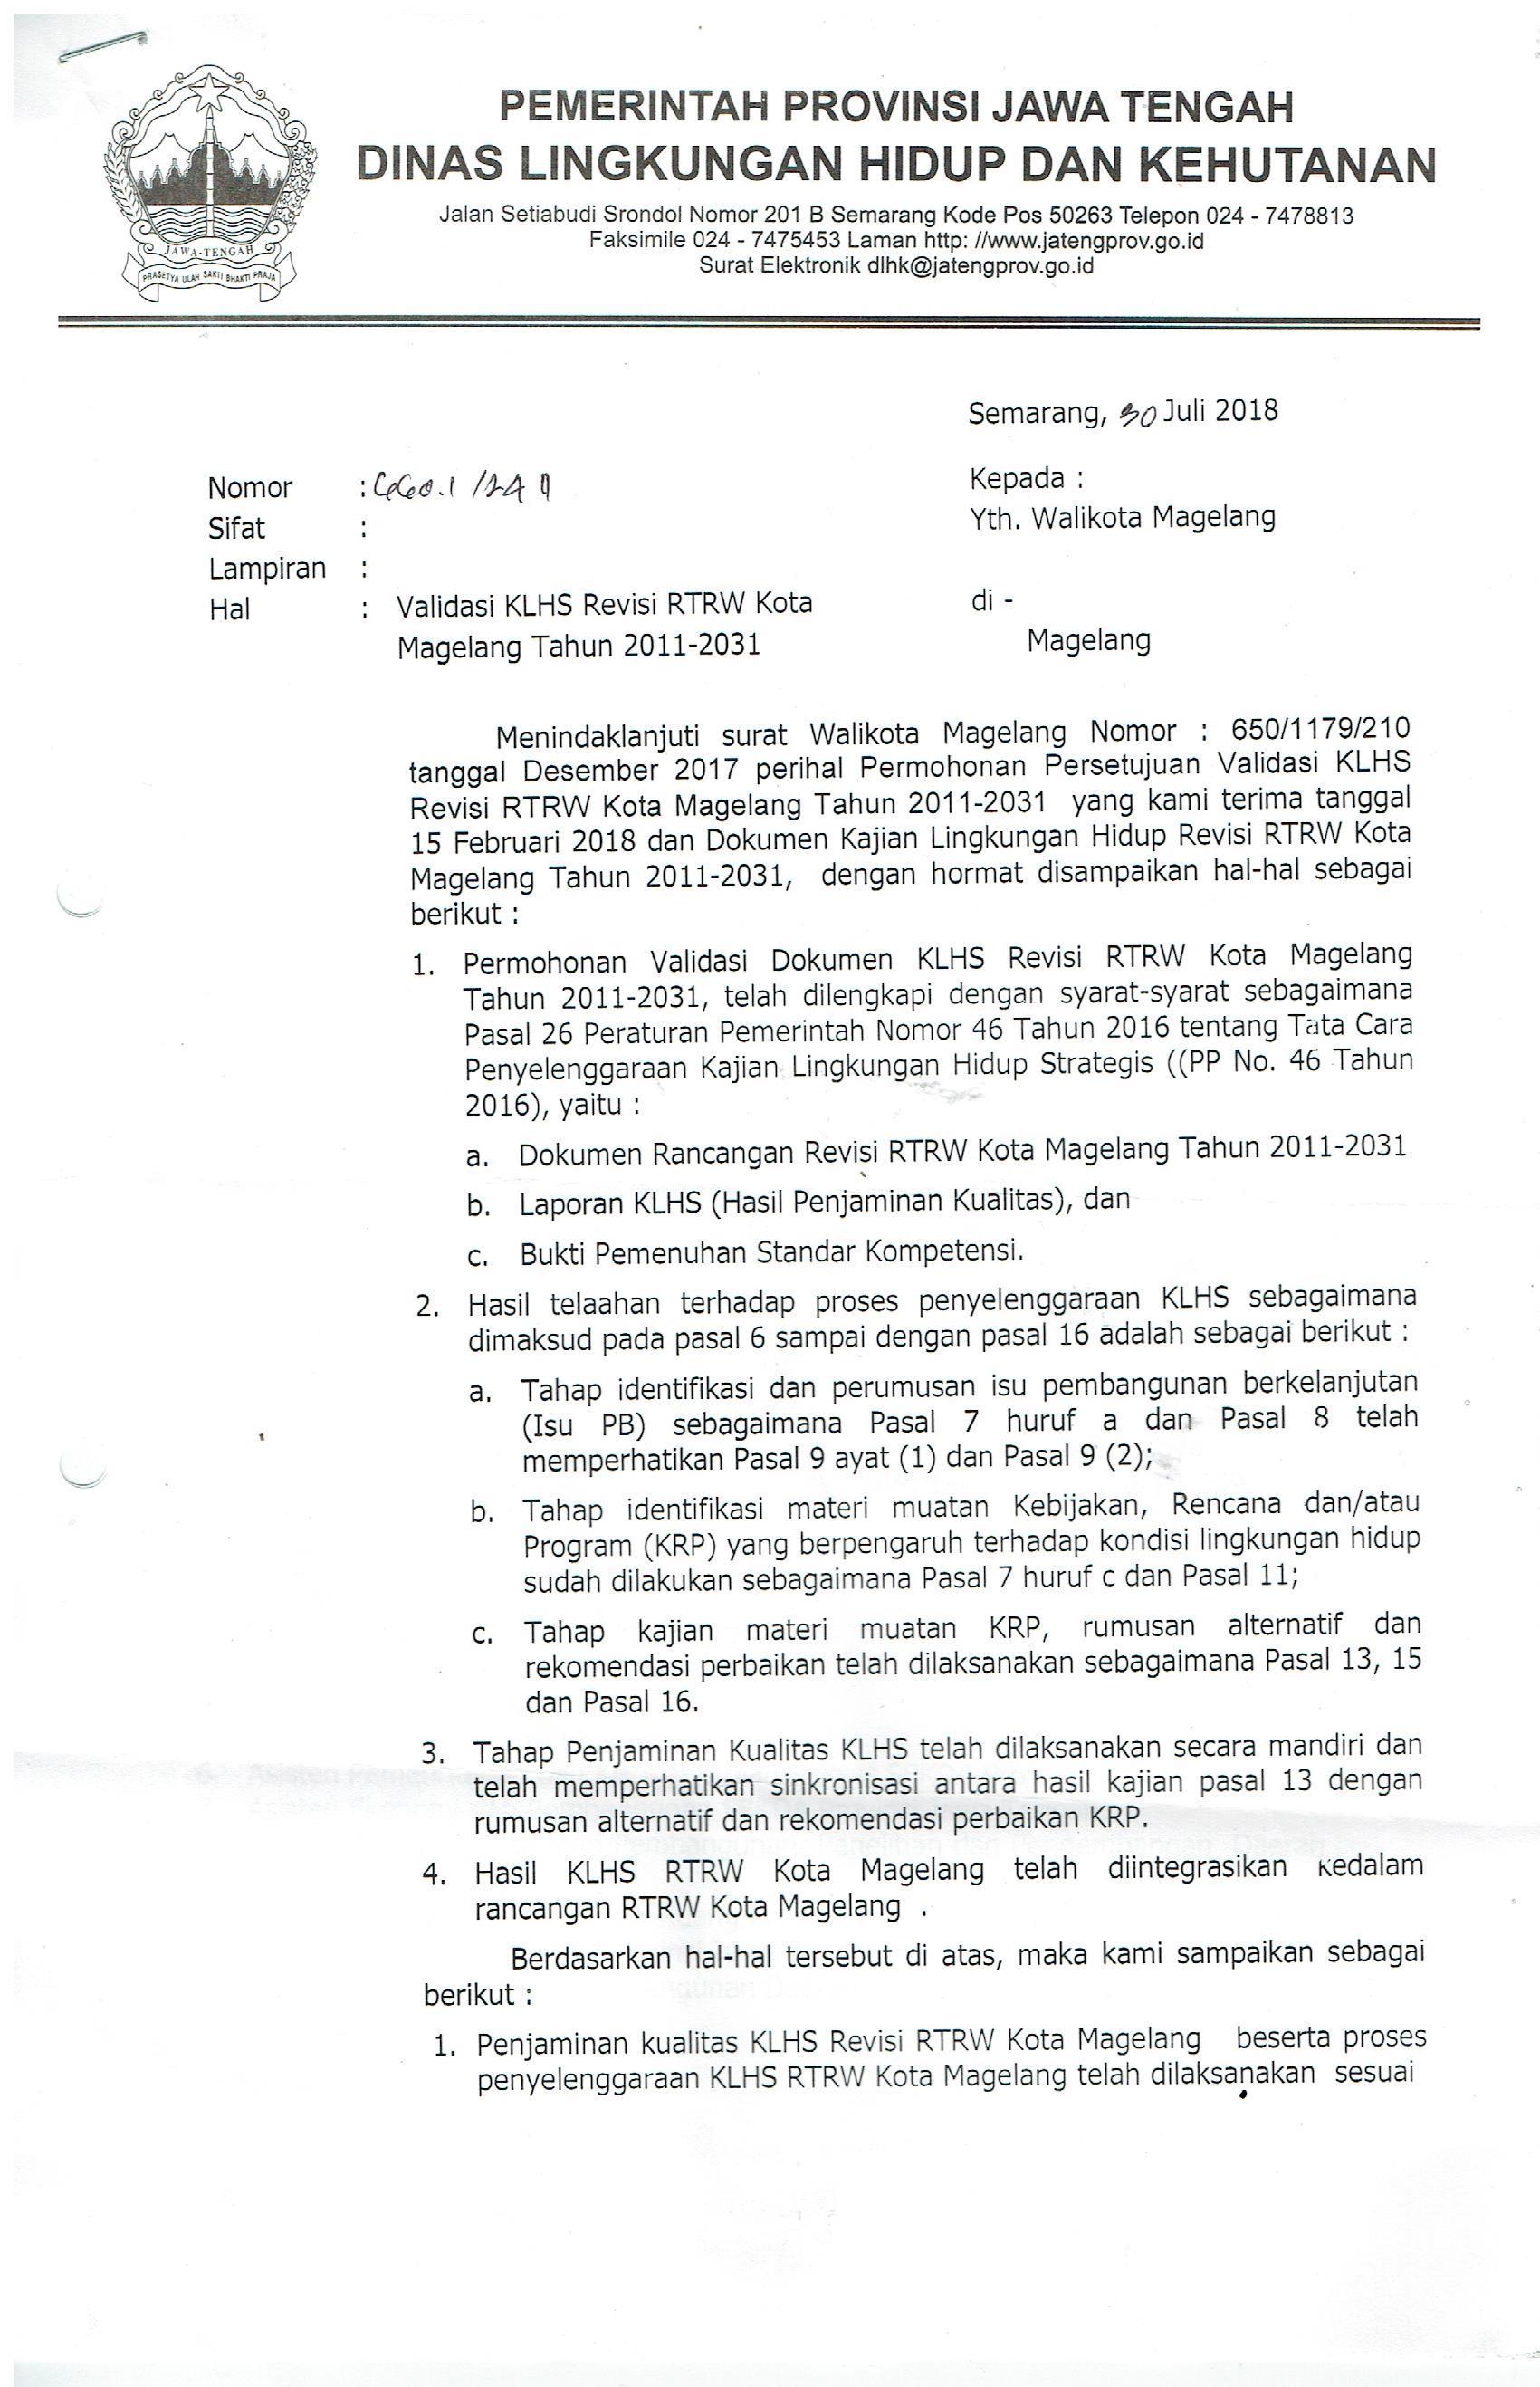 Validasi KLHS Review RTRW KOta Magelang tahun 2011-2031